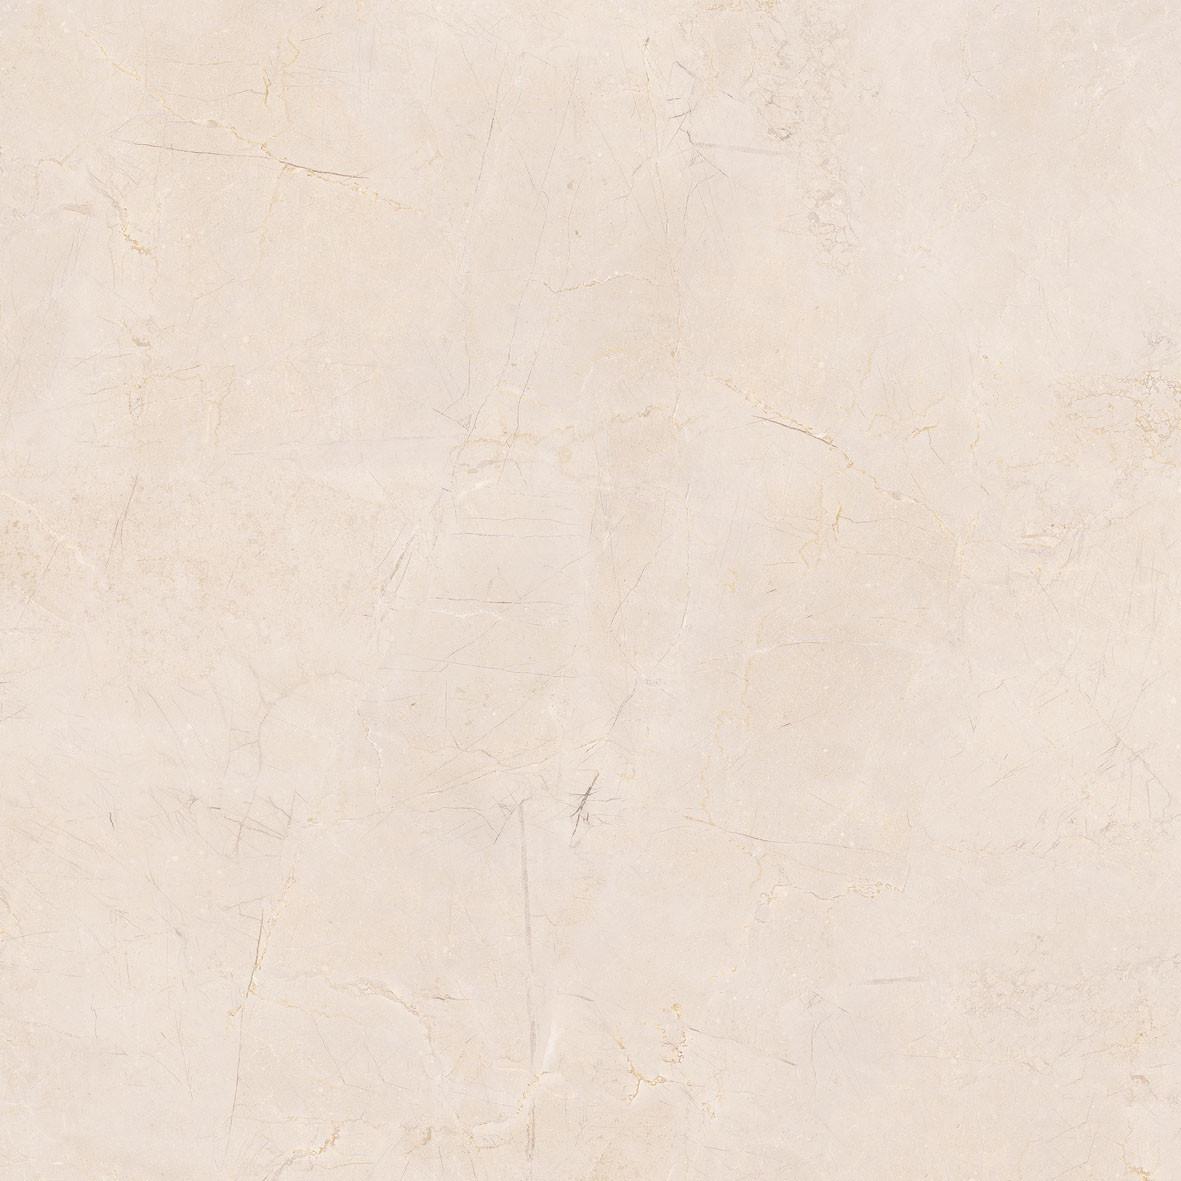 Плитка для пола Troyanda бежевый 300x300x8 мм